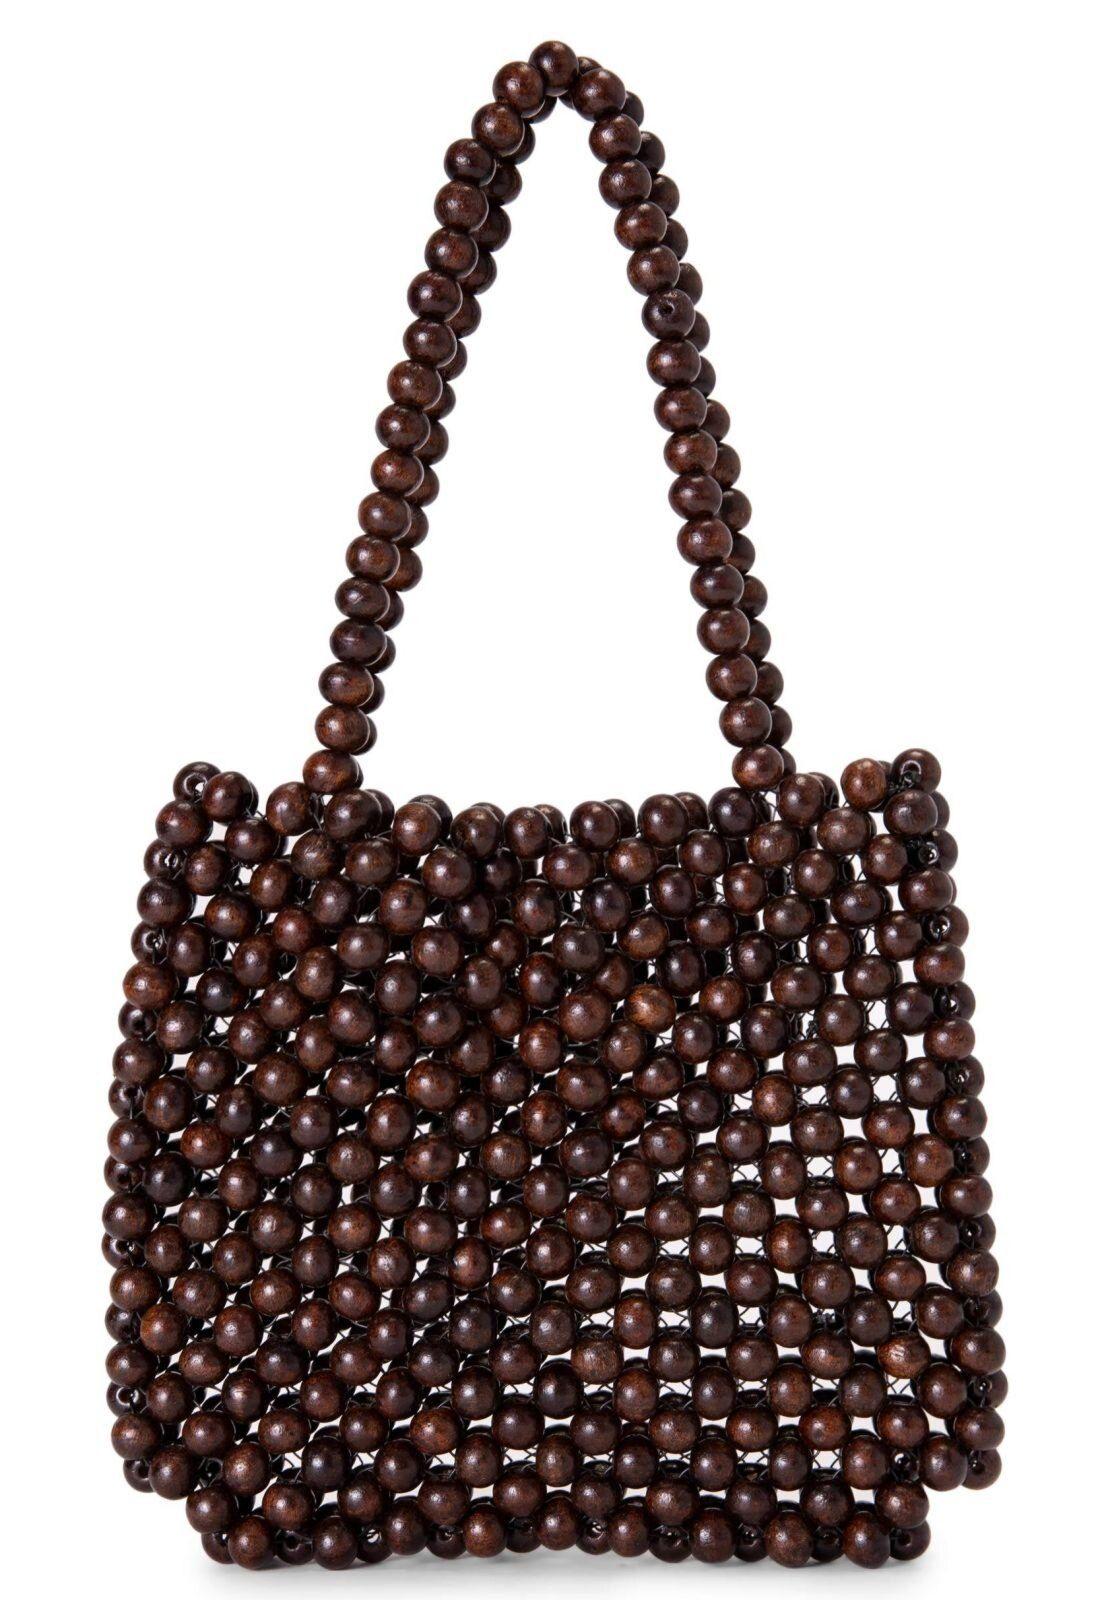 Bolsa AMARO Pequena Beads Marrom – Boda fotos